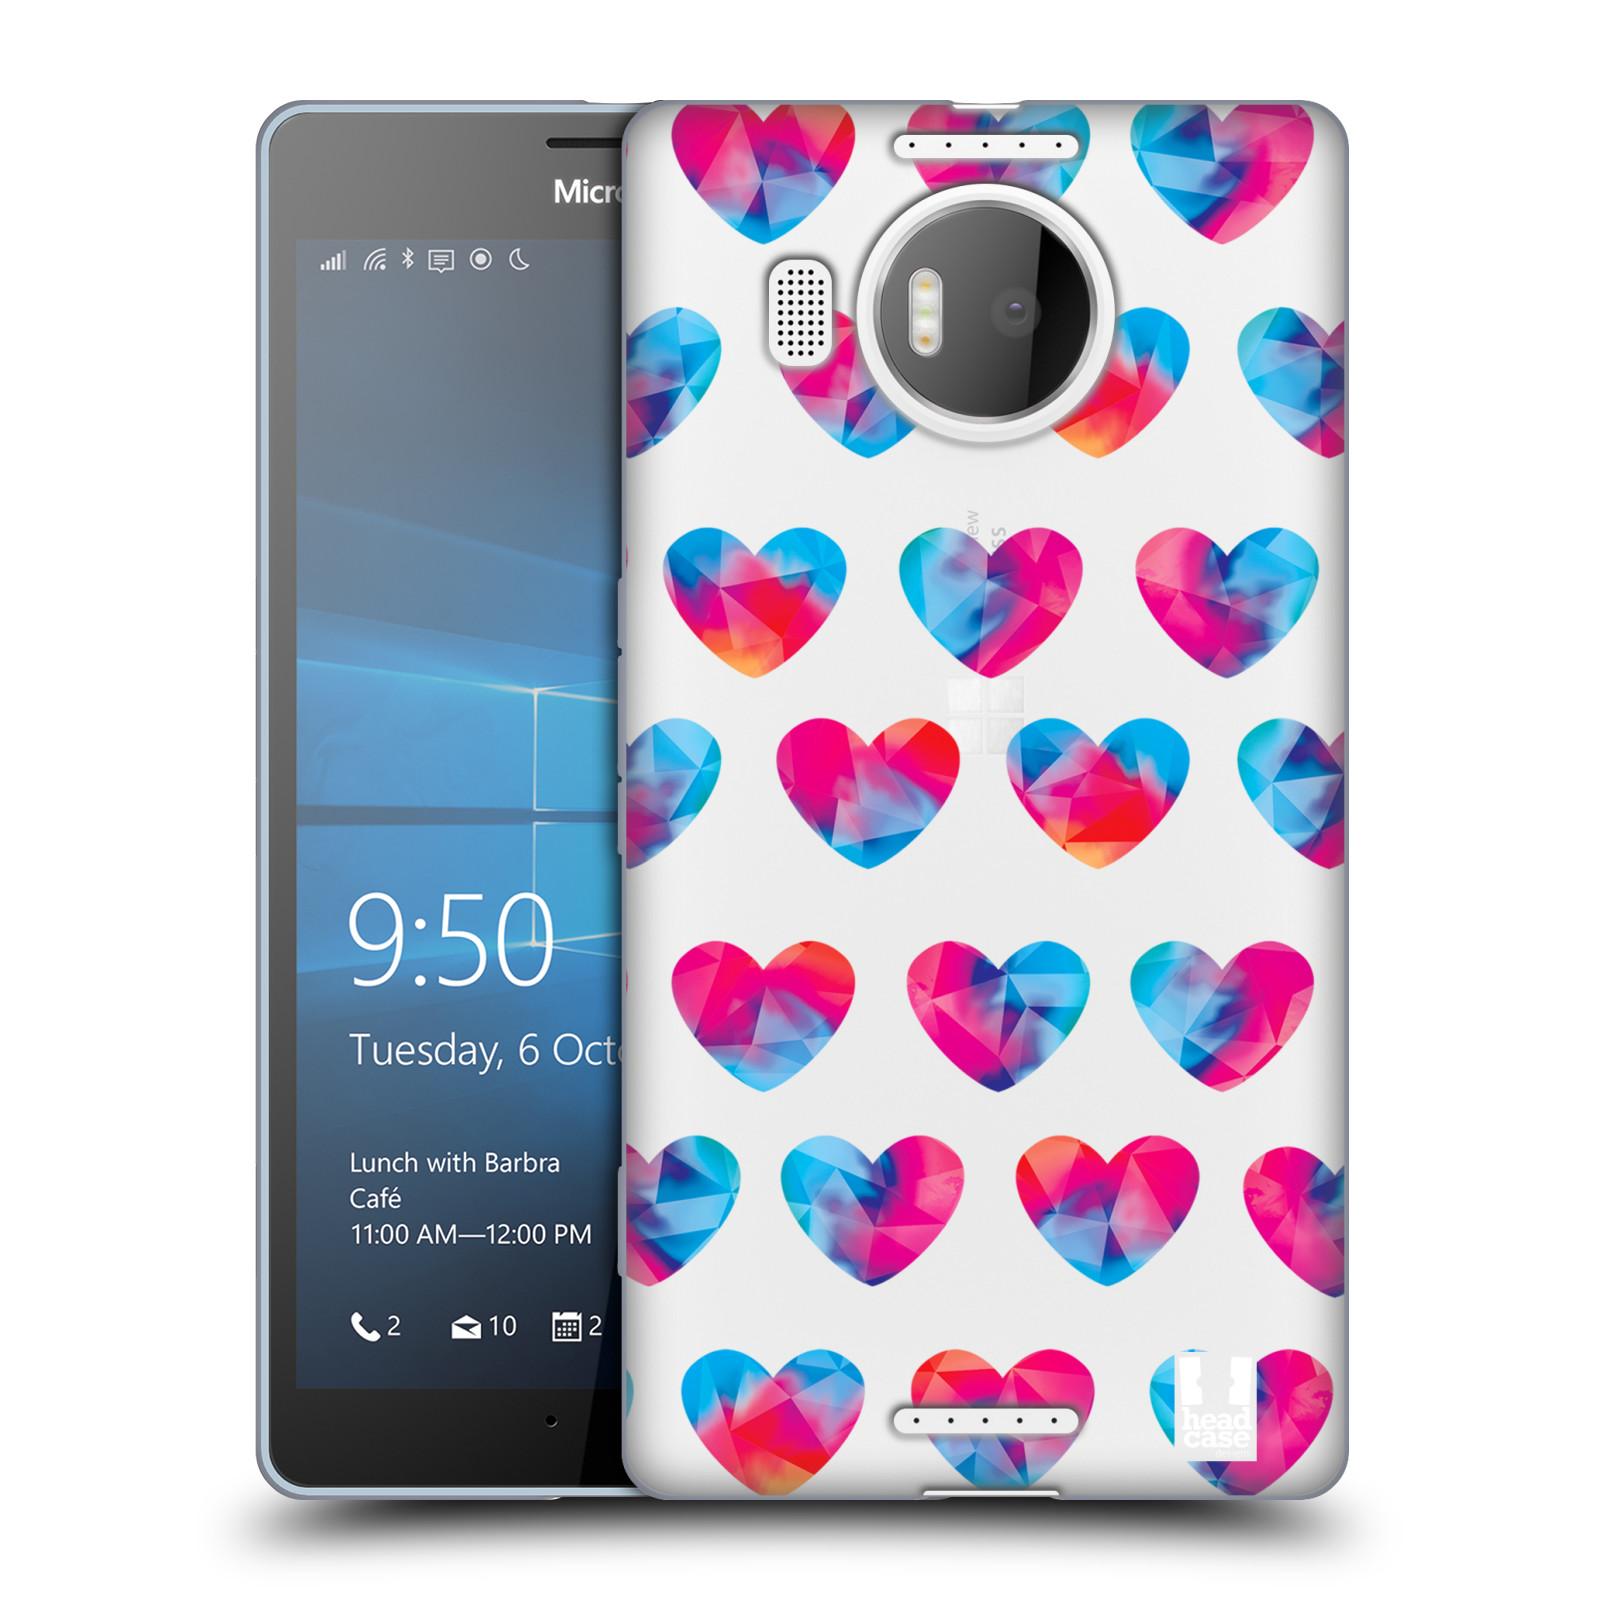 Silikonové pouzdro na mobil Microsoft Lumia 950 XL - Head Case - Srdíčka hrající barvami